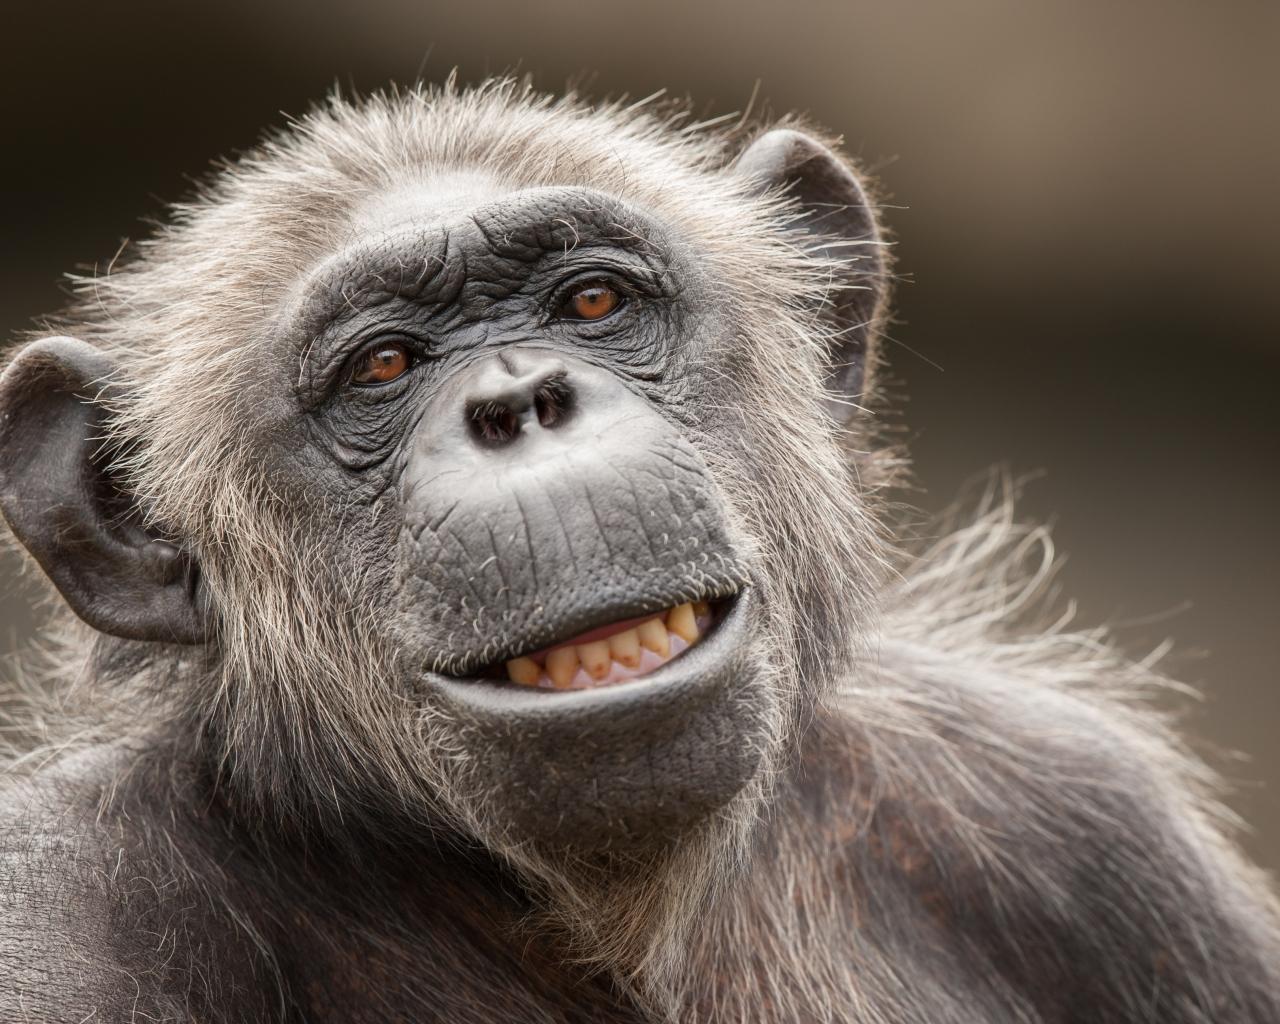 La cara de un chimpancé - 1280x1024